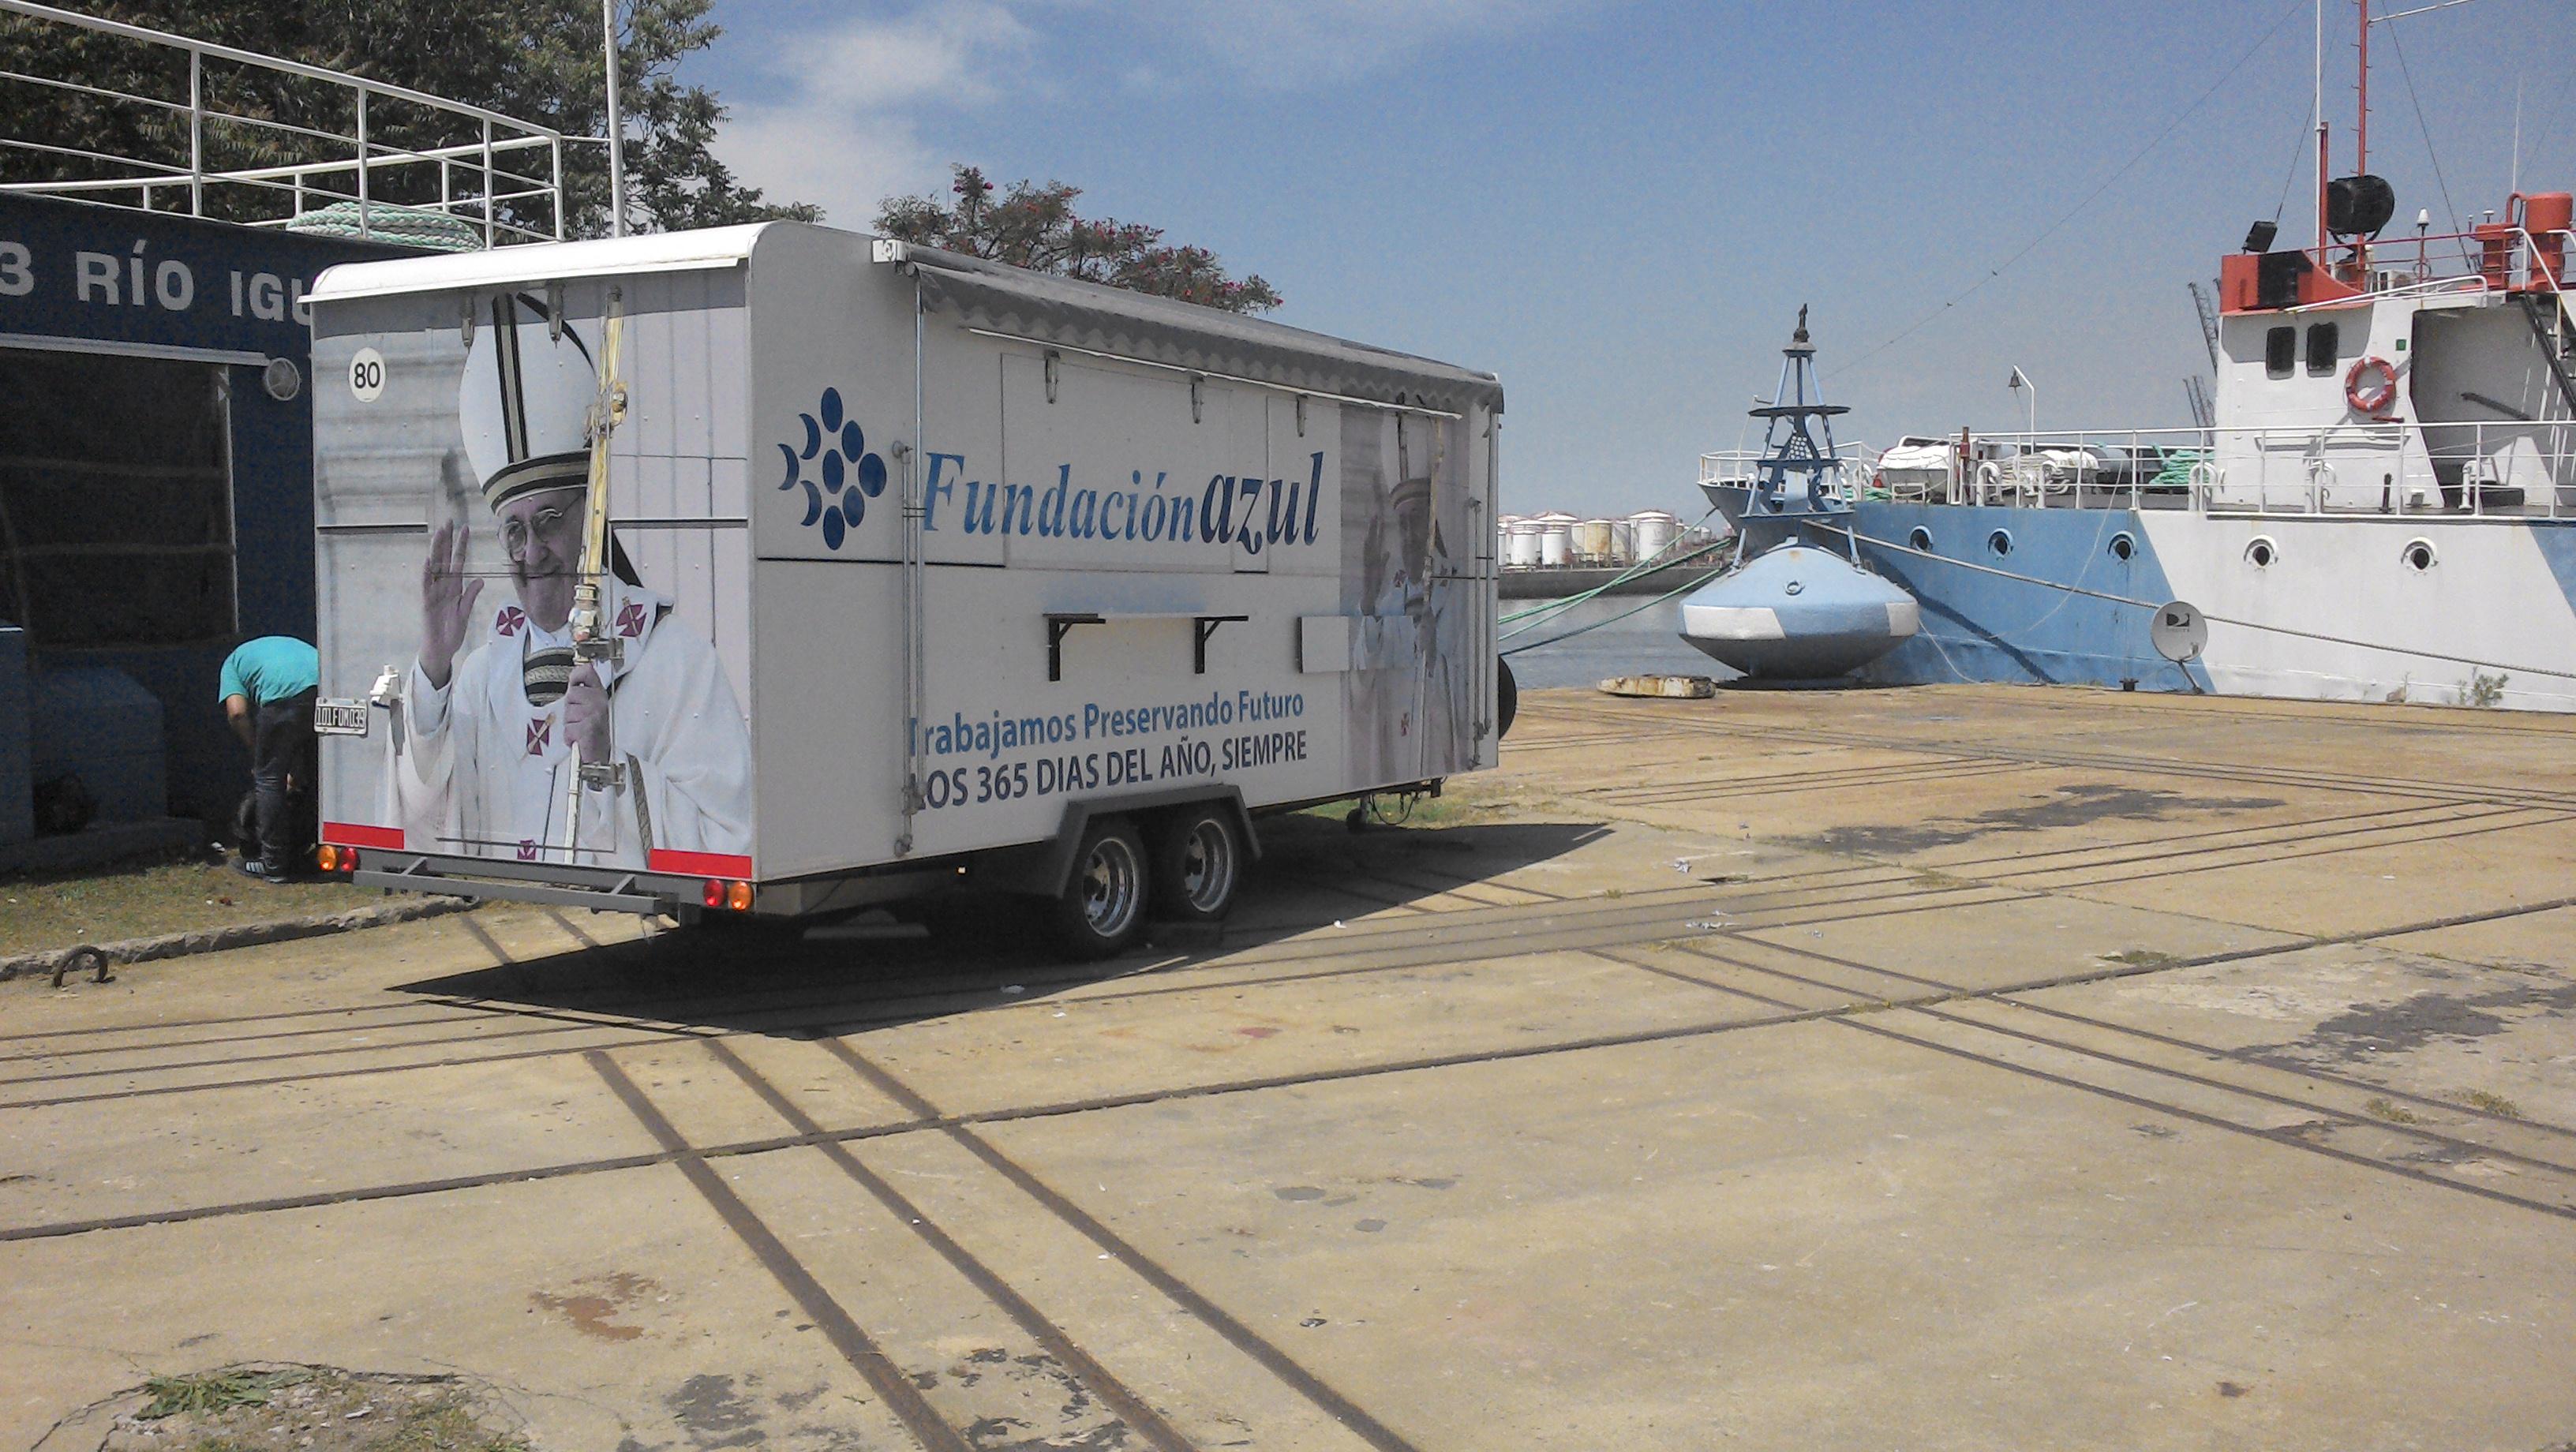 Fundación Azul